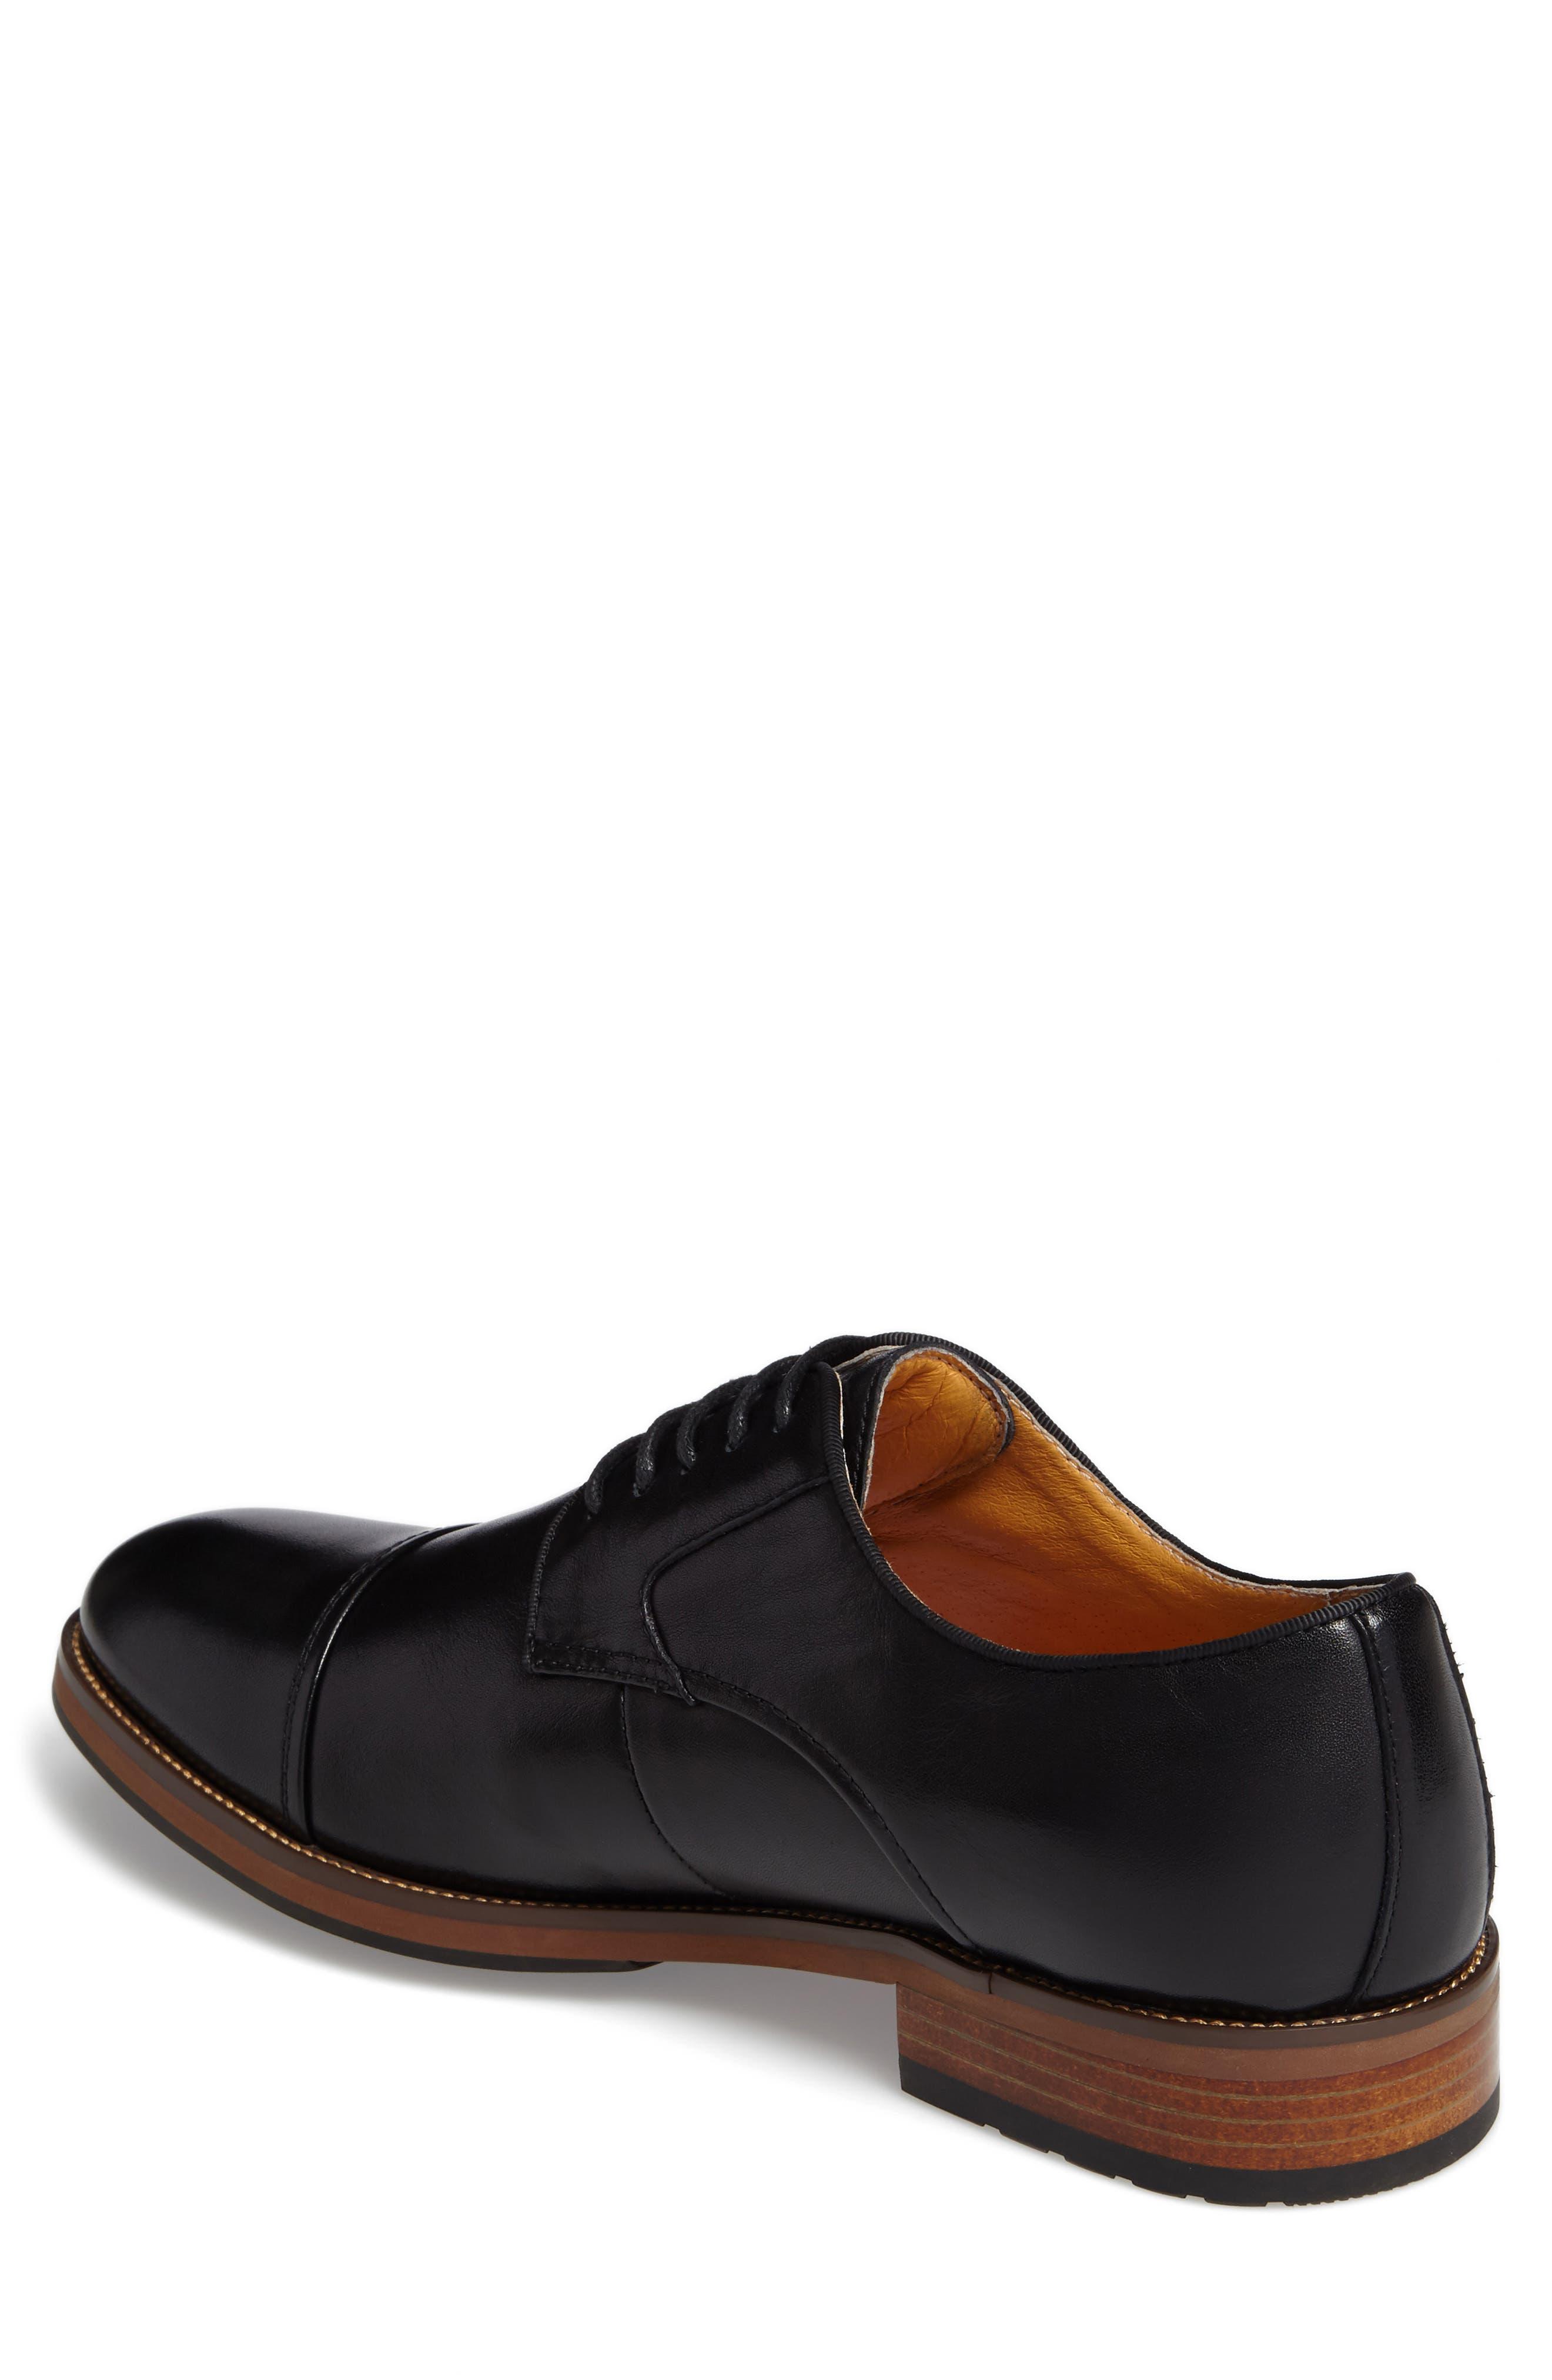 Blaze Cap Toe Derby,                             Alternate thumbnail 2, color,                             Black Leather